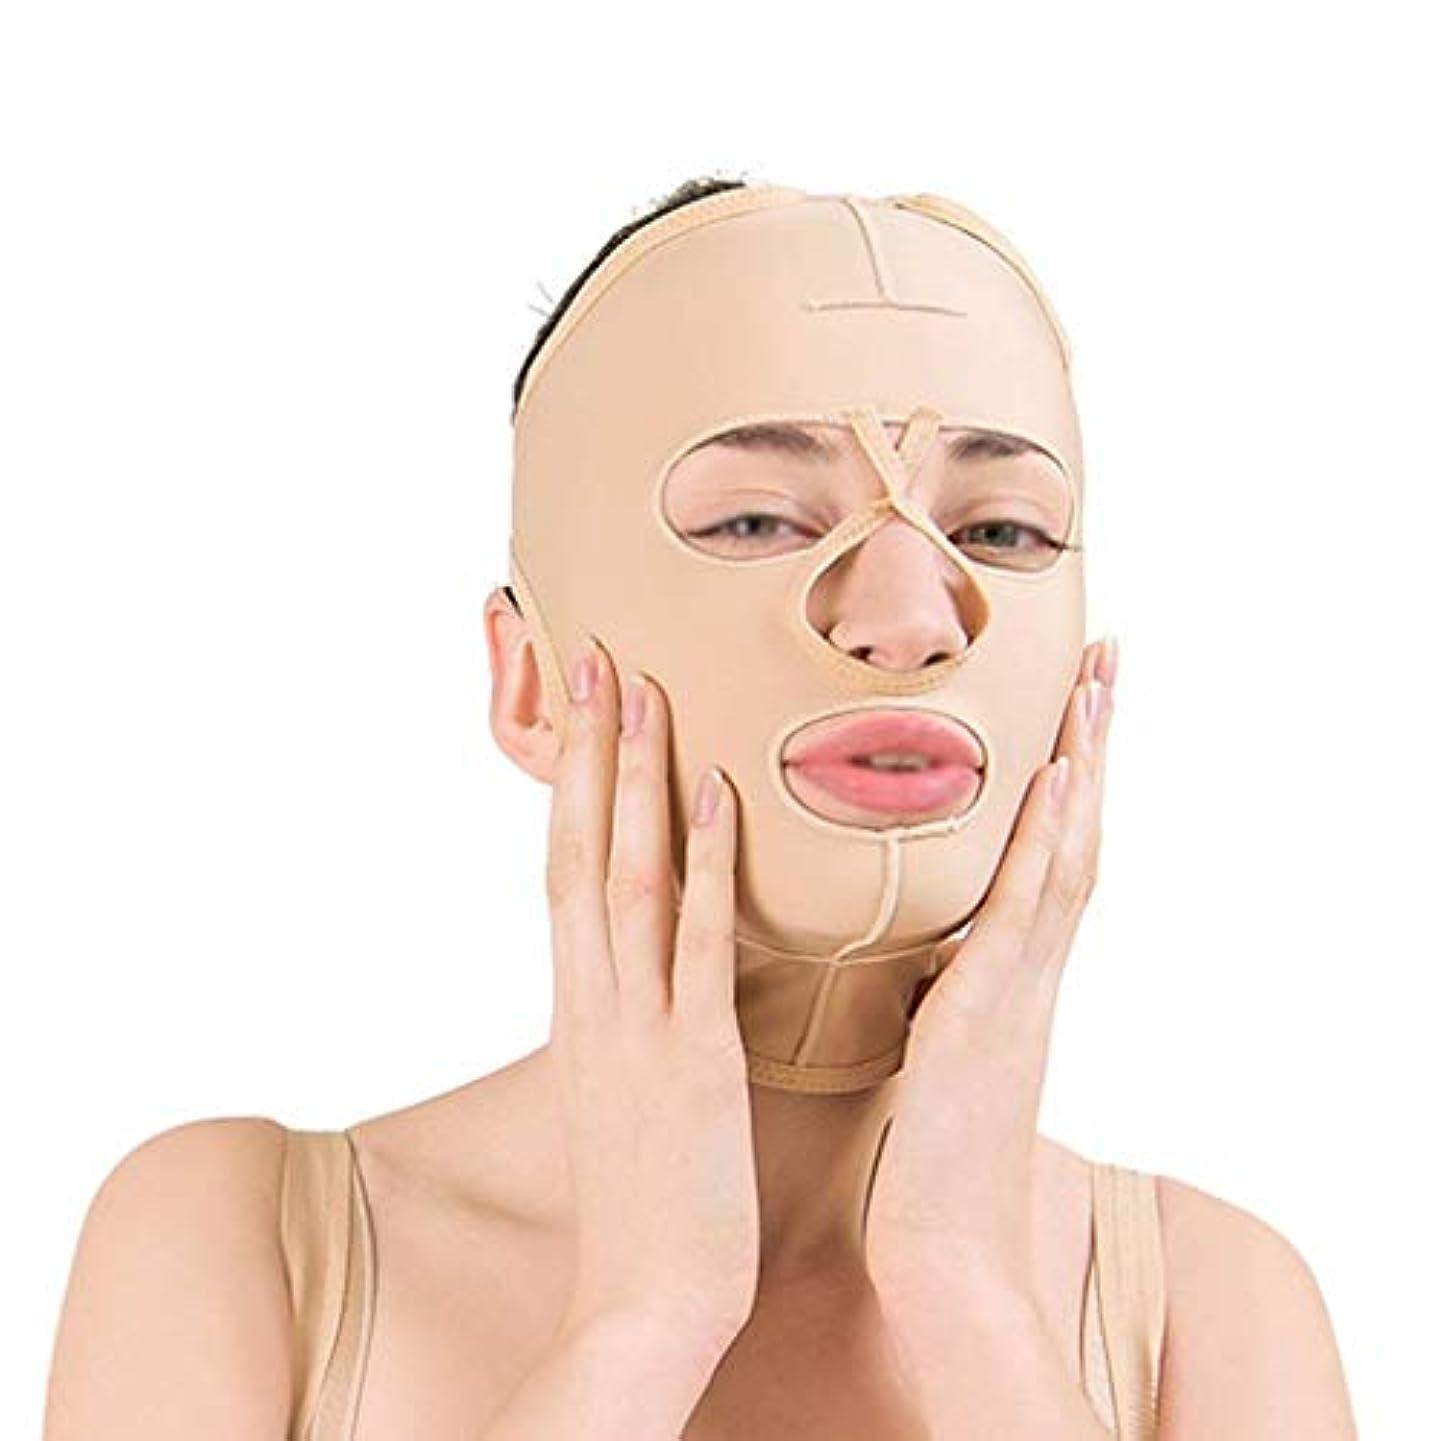 後者で宣言フェイススリミングマスク、フェイスバンデージ付きフェイシャル減量マスク、通気性フェイスリフト、引き締め、フェイスリフティング(サイズ:L),ザ・